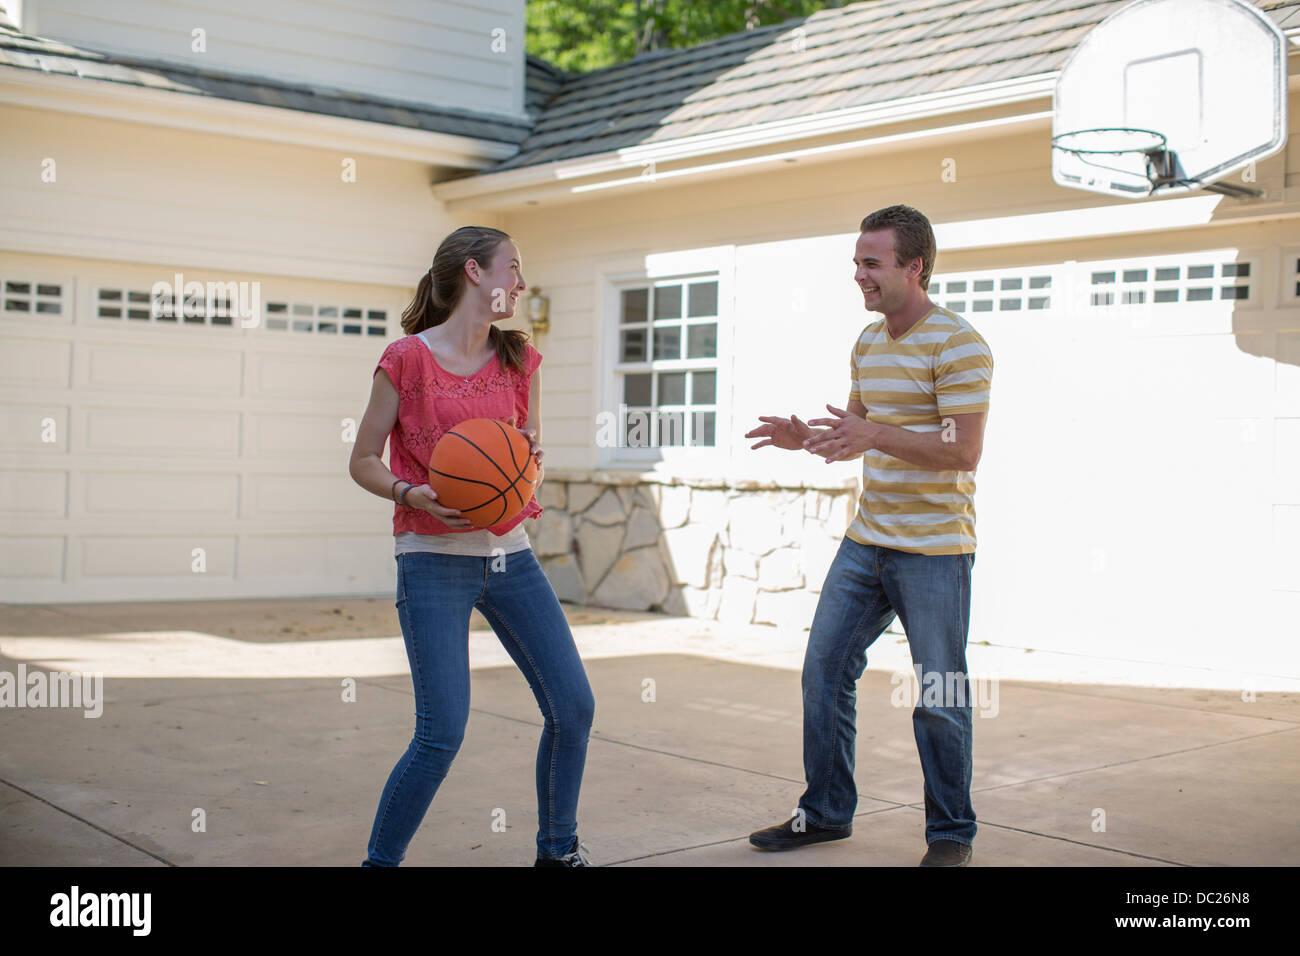 Fratello e Sorella di giocare a basket Immagini Stock